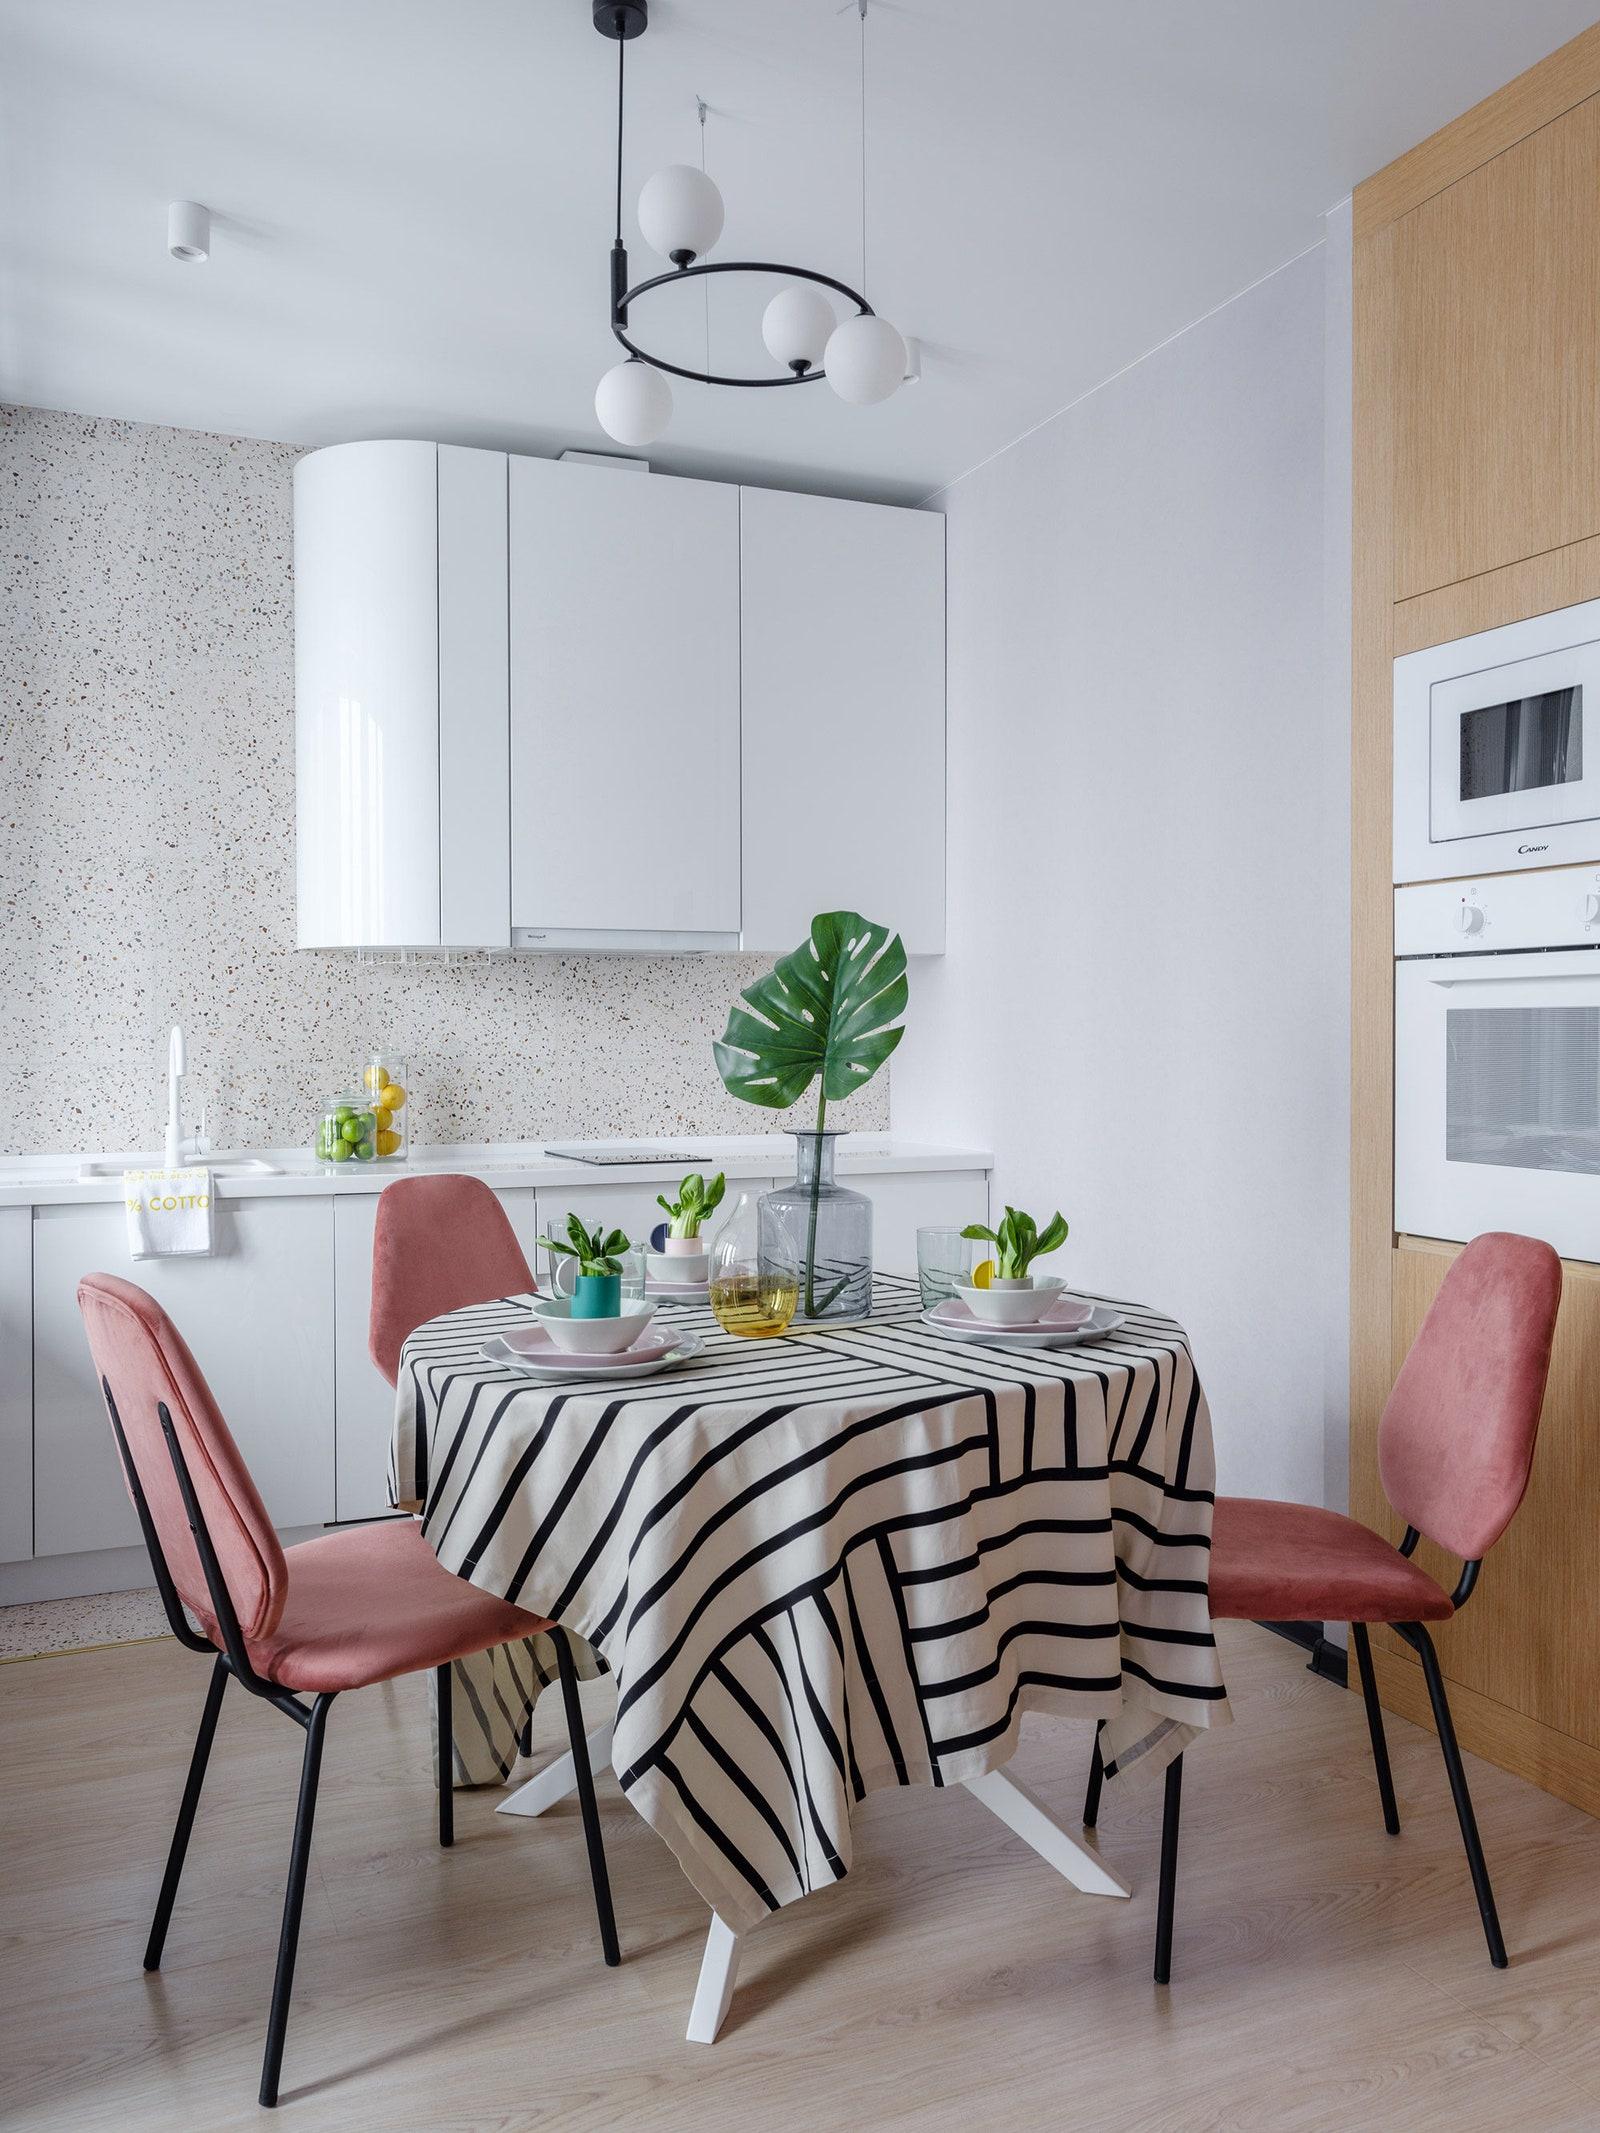 . .  Inspire  Leroy Merlin              La Redoute    Maytoni  Kenner     HampM Home  IKEA.   .